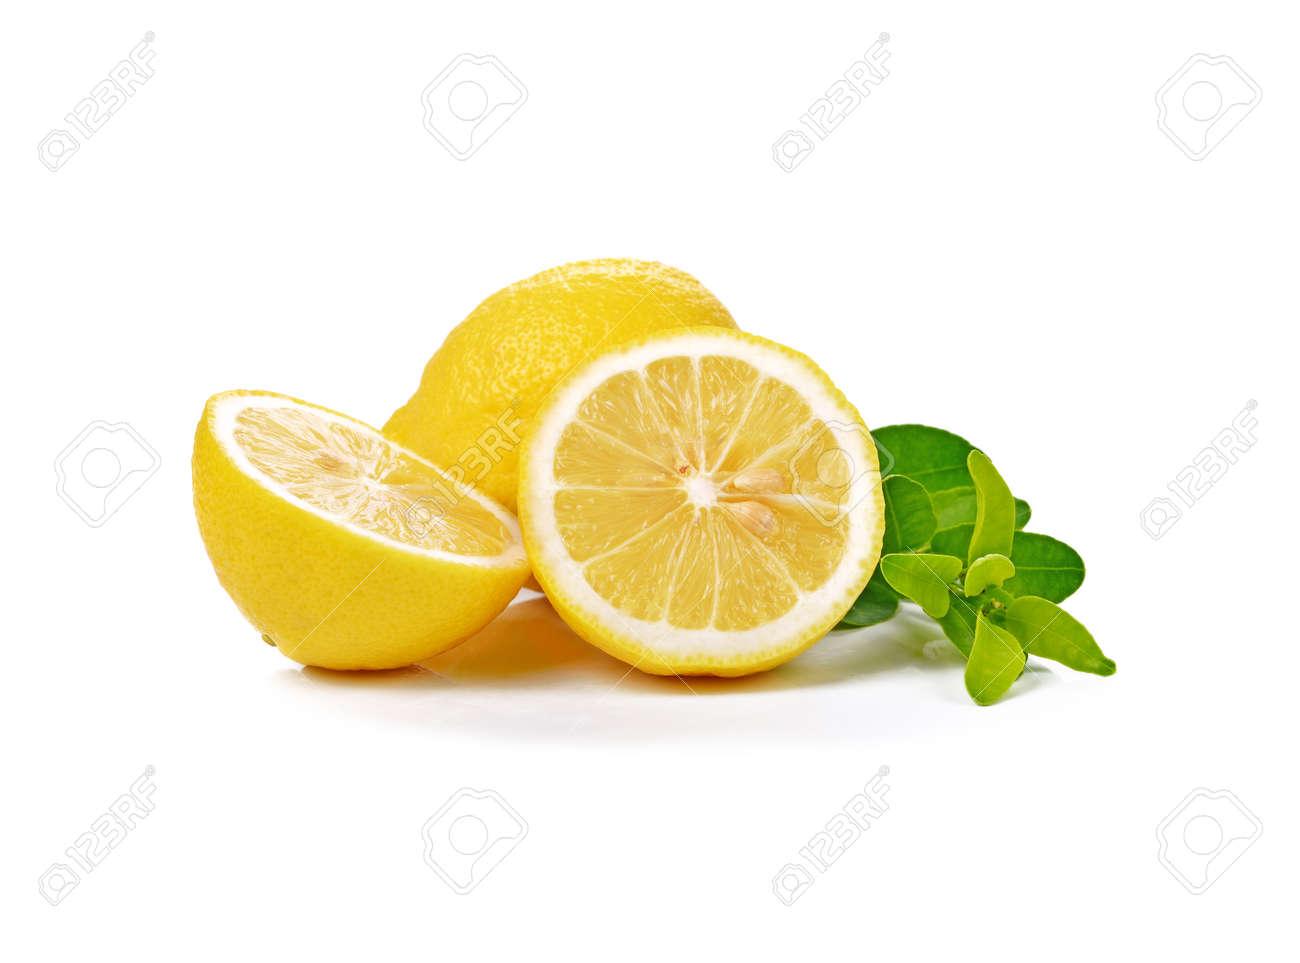 Fresh lemon isolated on white - 169847555